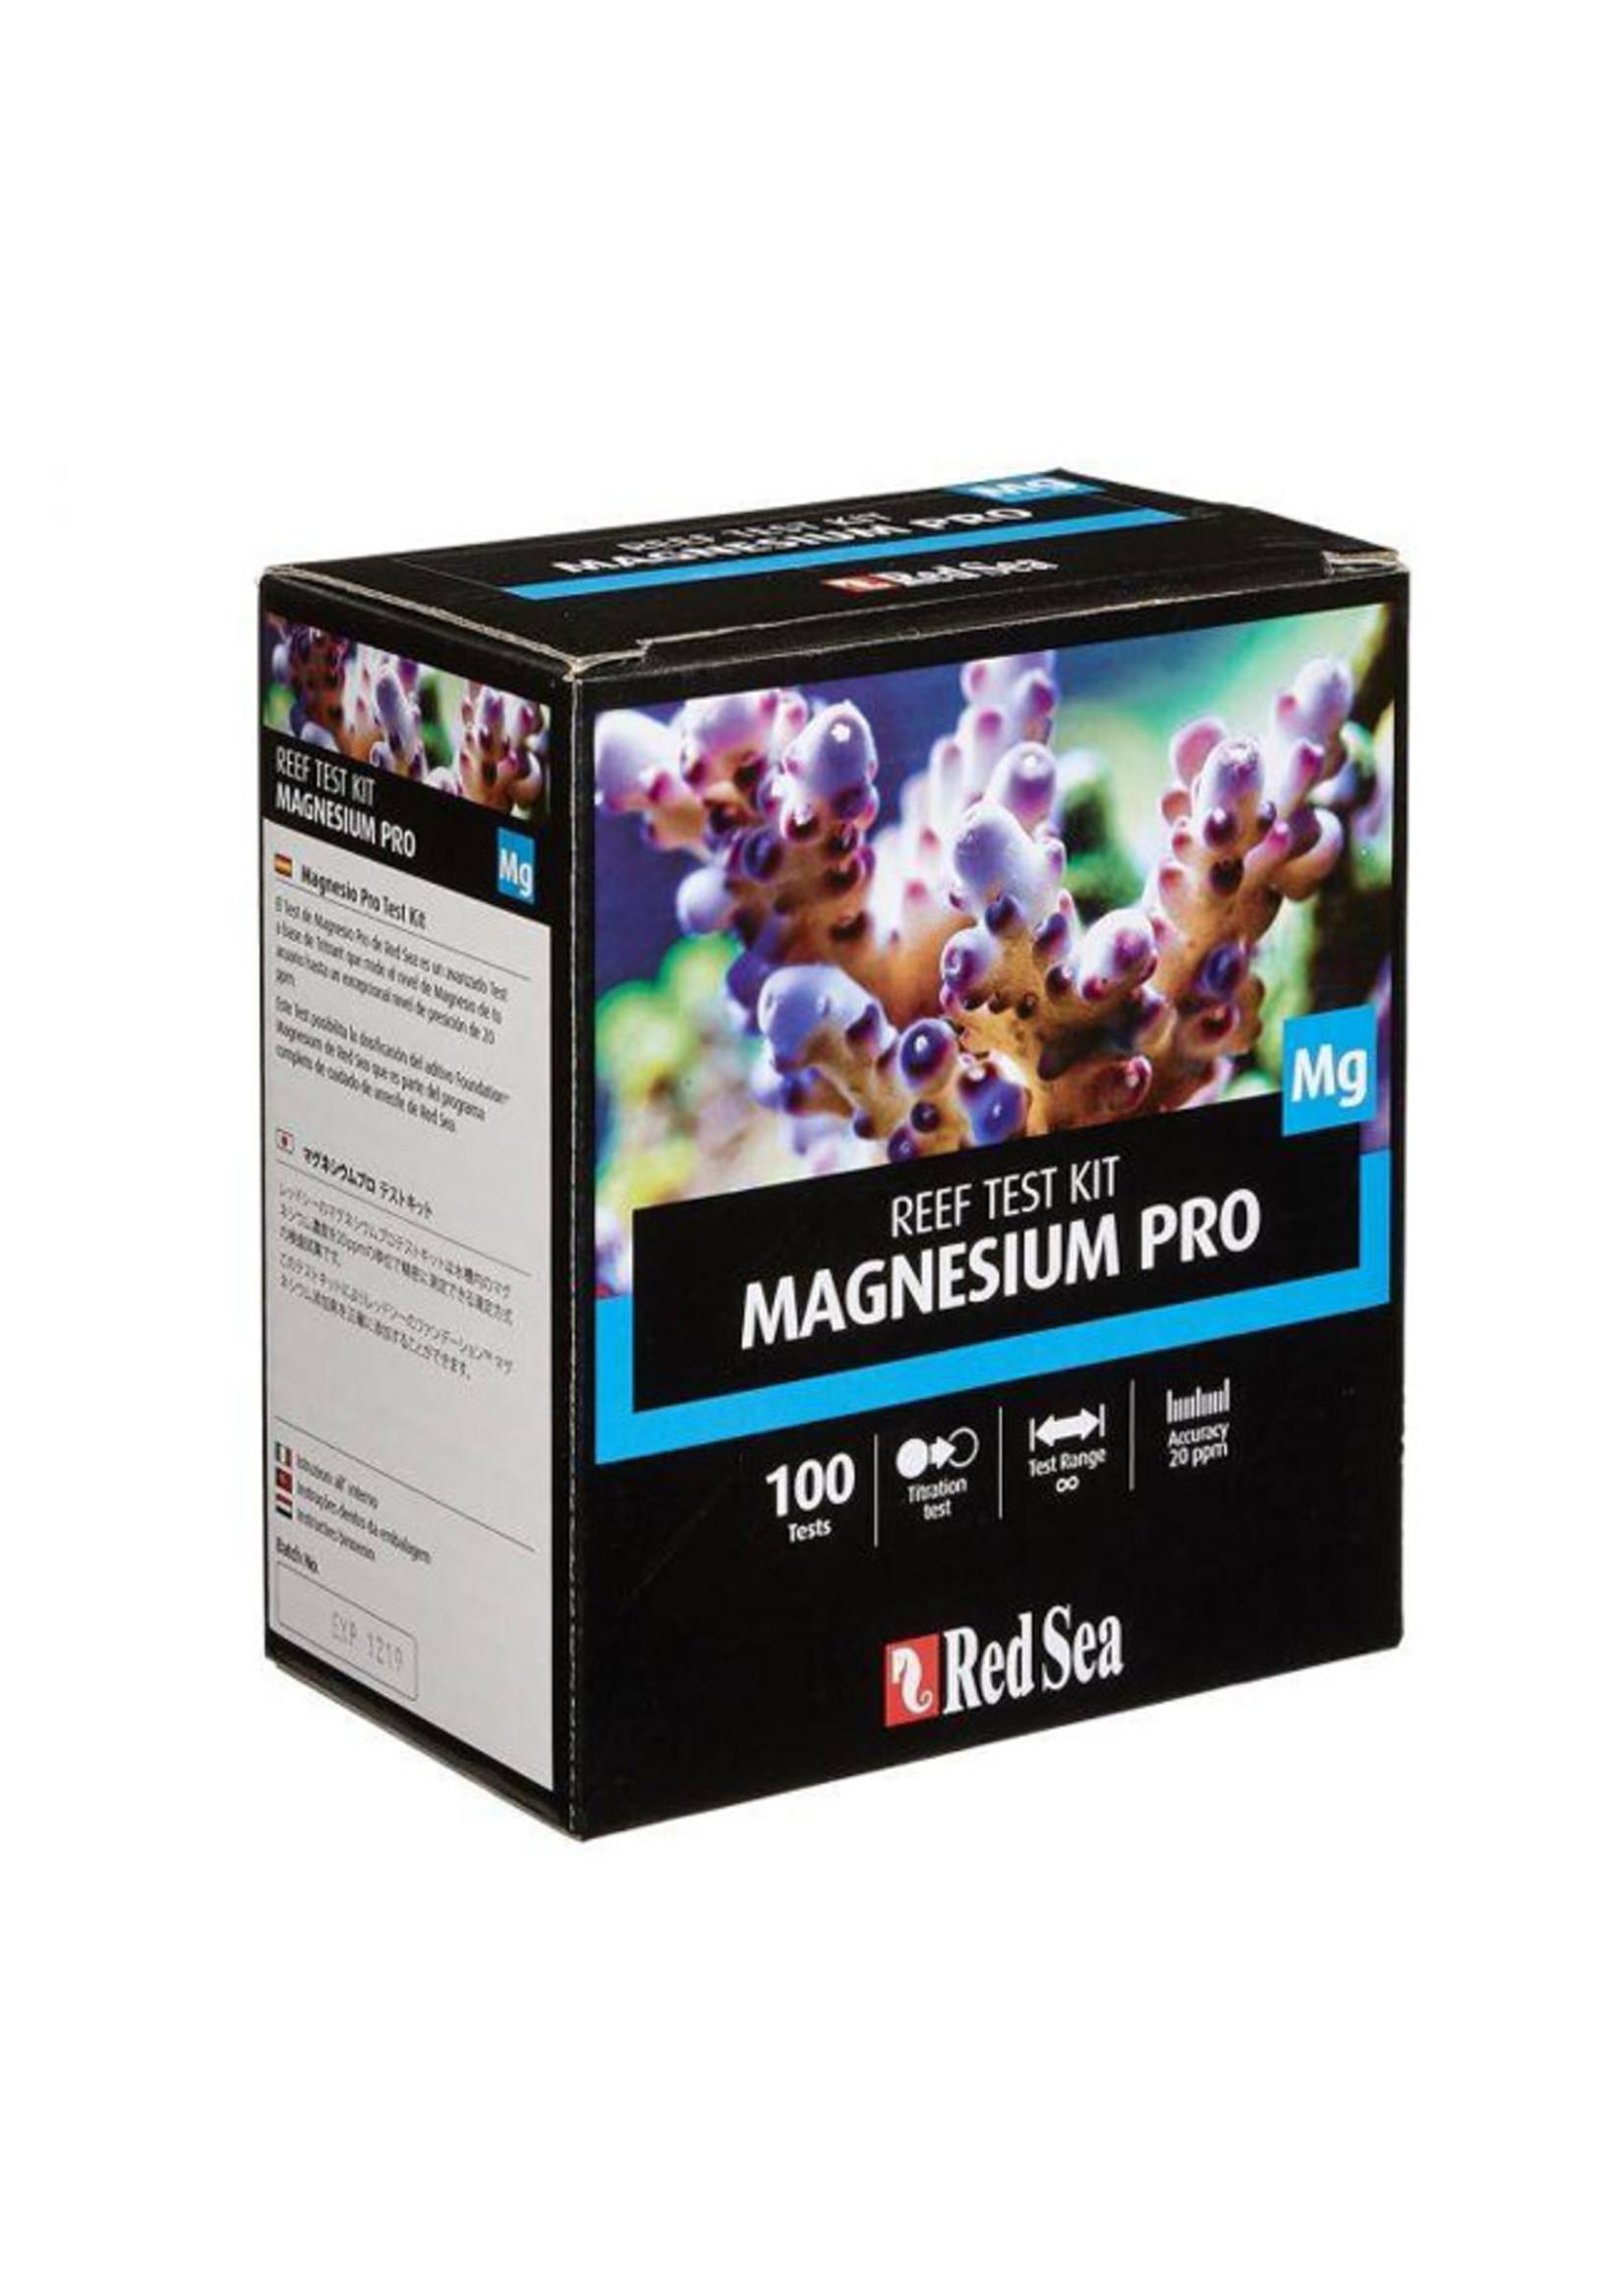 Red Sea Red Sea Magnesium Pro Test Kit